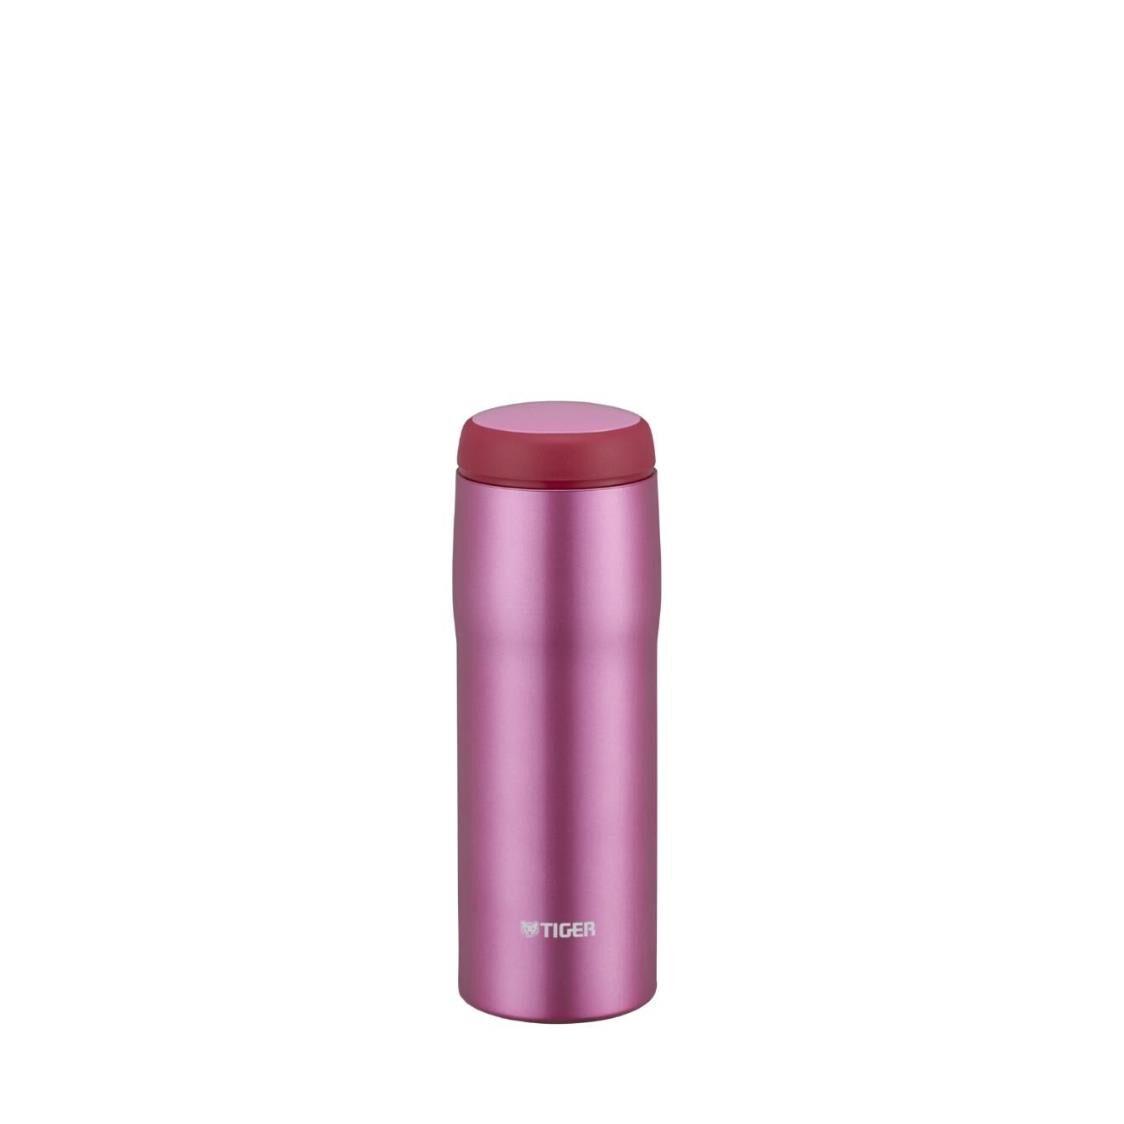 Tiger 360ml Stainless Steel Mug - Bright Pink Made in Japan MJA-B048 PB